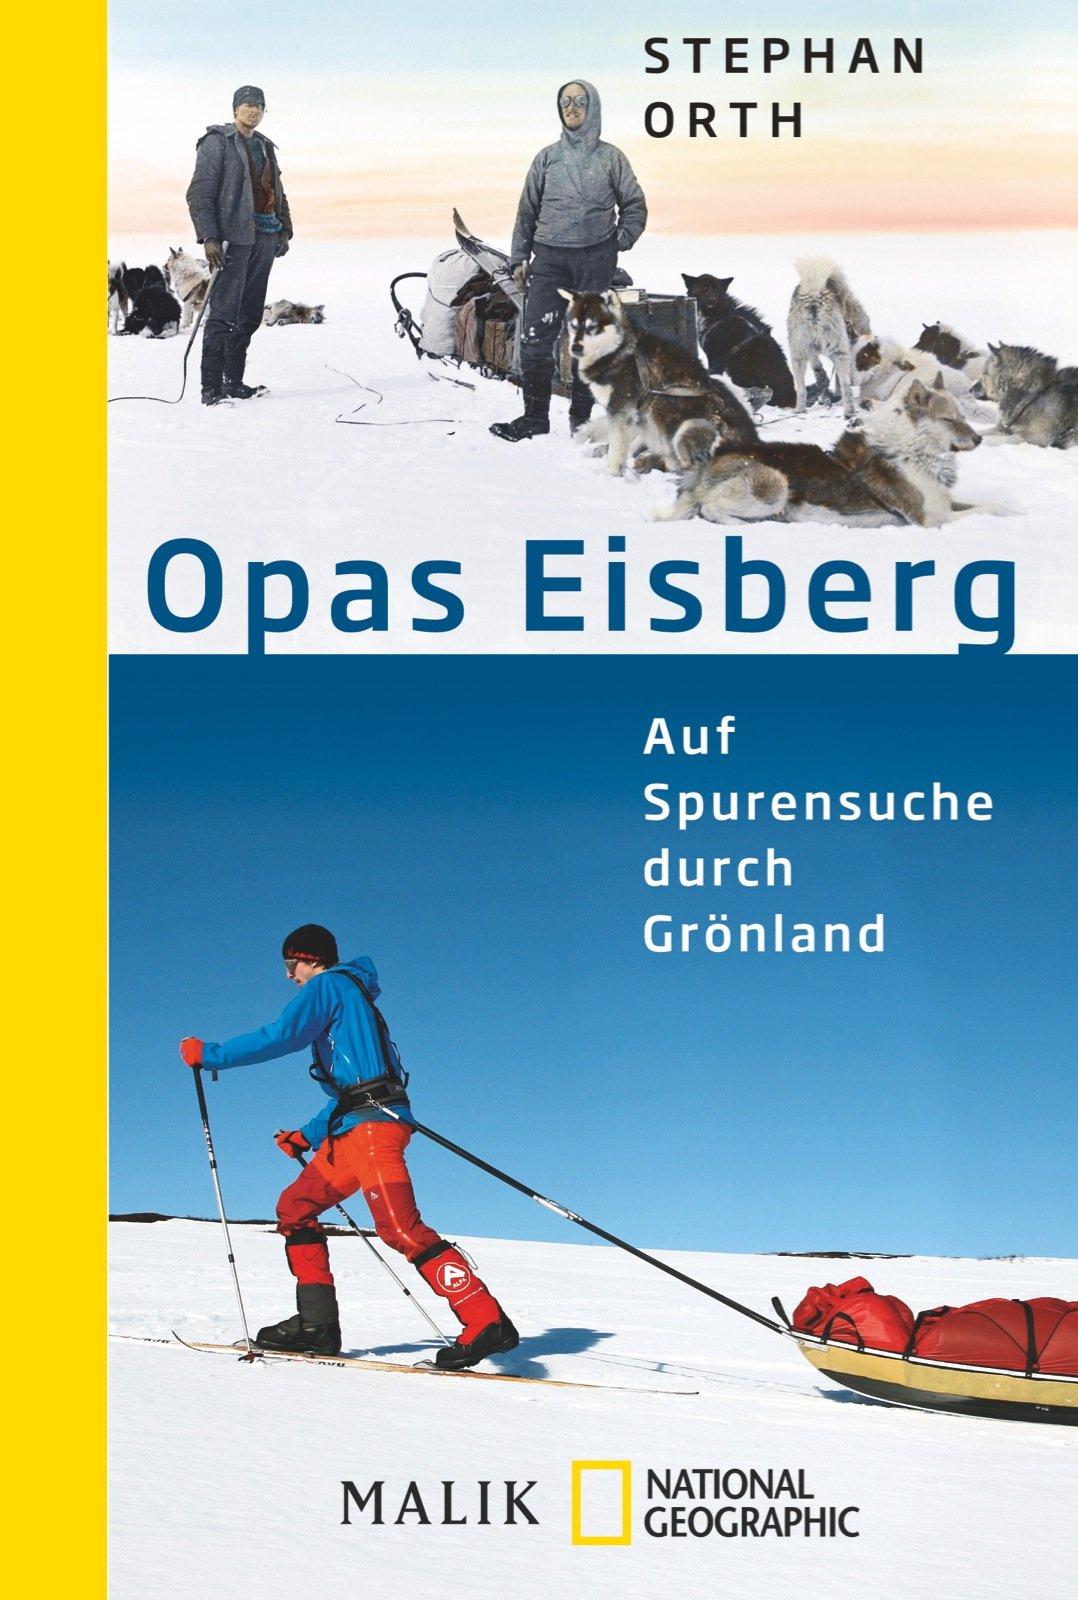 Opas Eisberg: Auf Spurensuche durch Grönland Taschenbuch – 19. Januar 2015 Stephan Orth NG Taschenbuch 3492405673 Reiseberichte / Welt gesamt